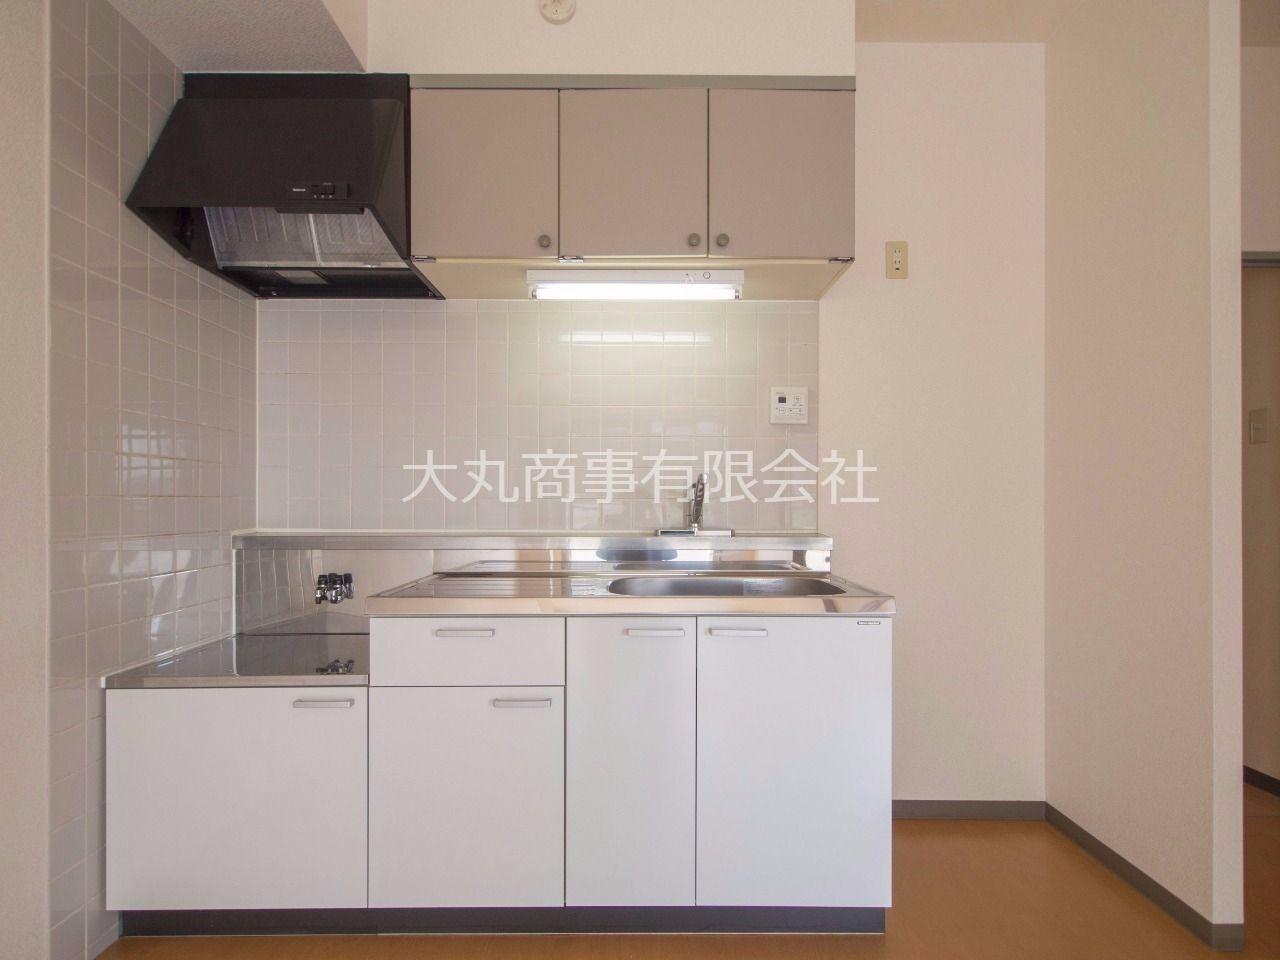 お部屋を広く使える壁付キッチン(吊棚付)